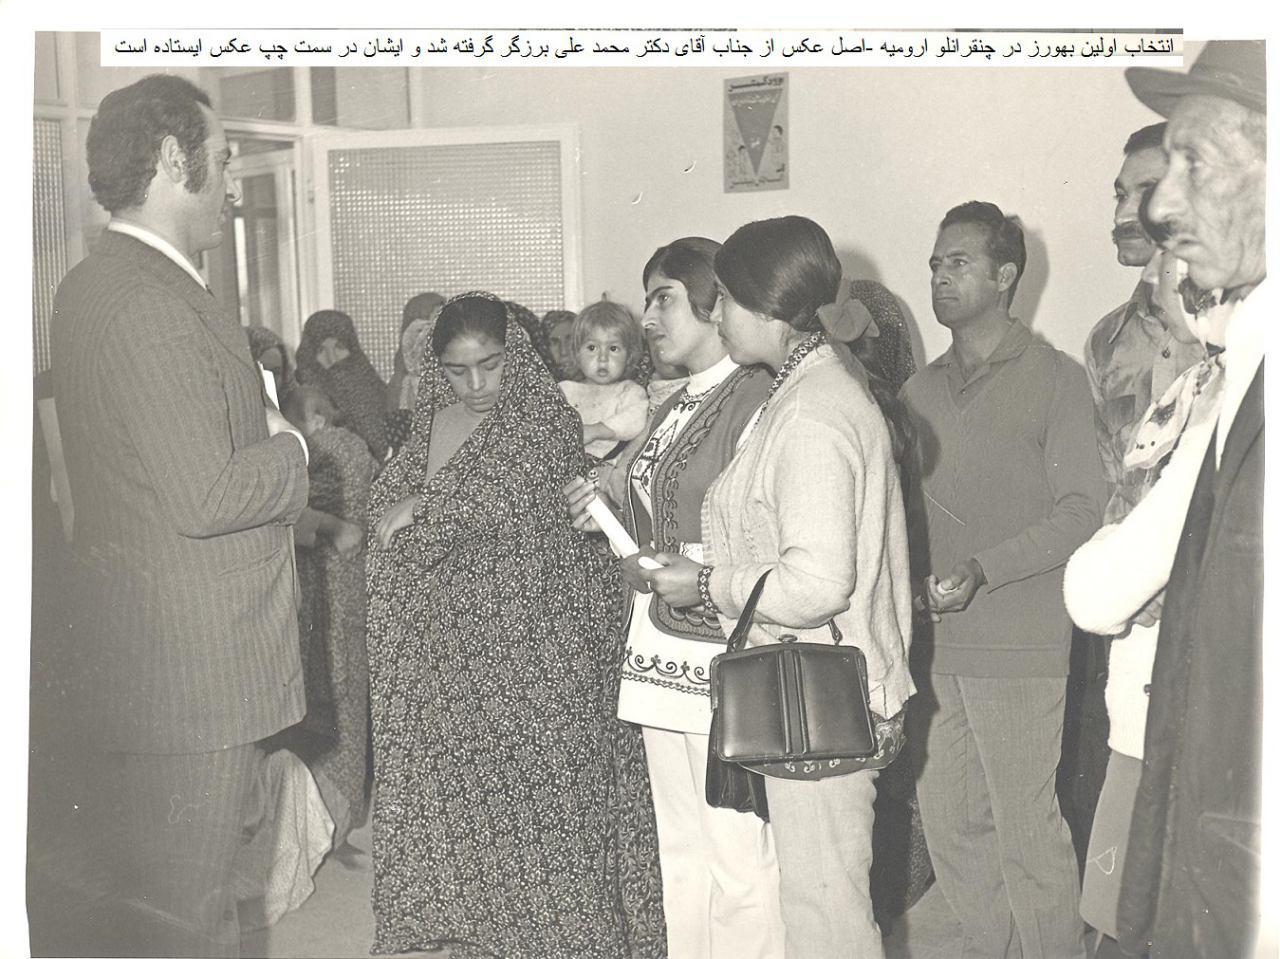 انتخاب اولین بهورز زن در چنقرانلو، ارومیه